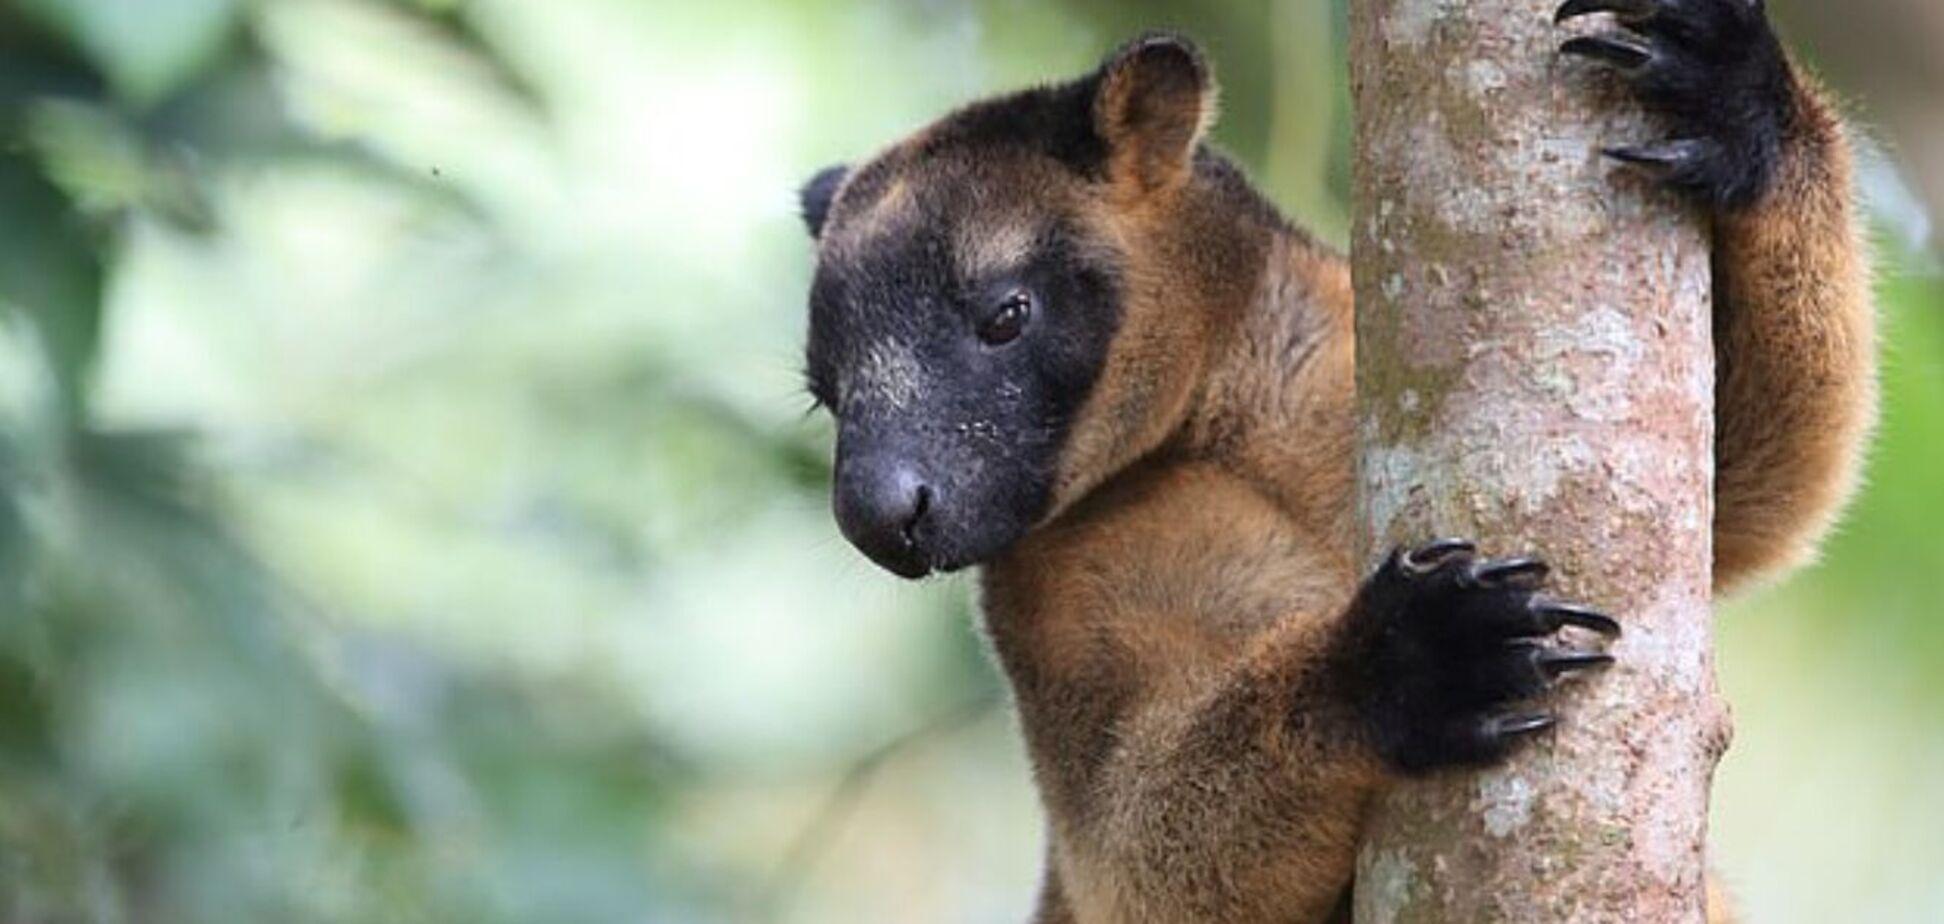 Кенгуру раньше лазили по деревьям: найдены доказательства. Фото